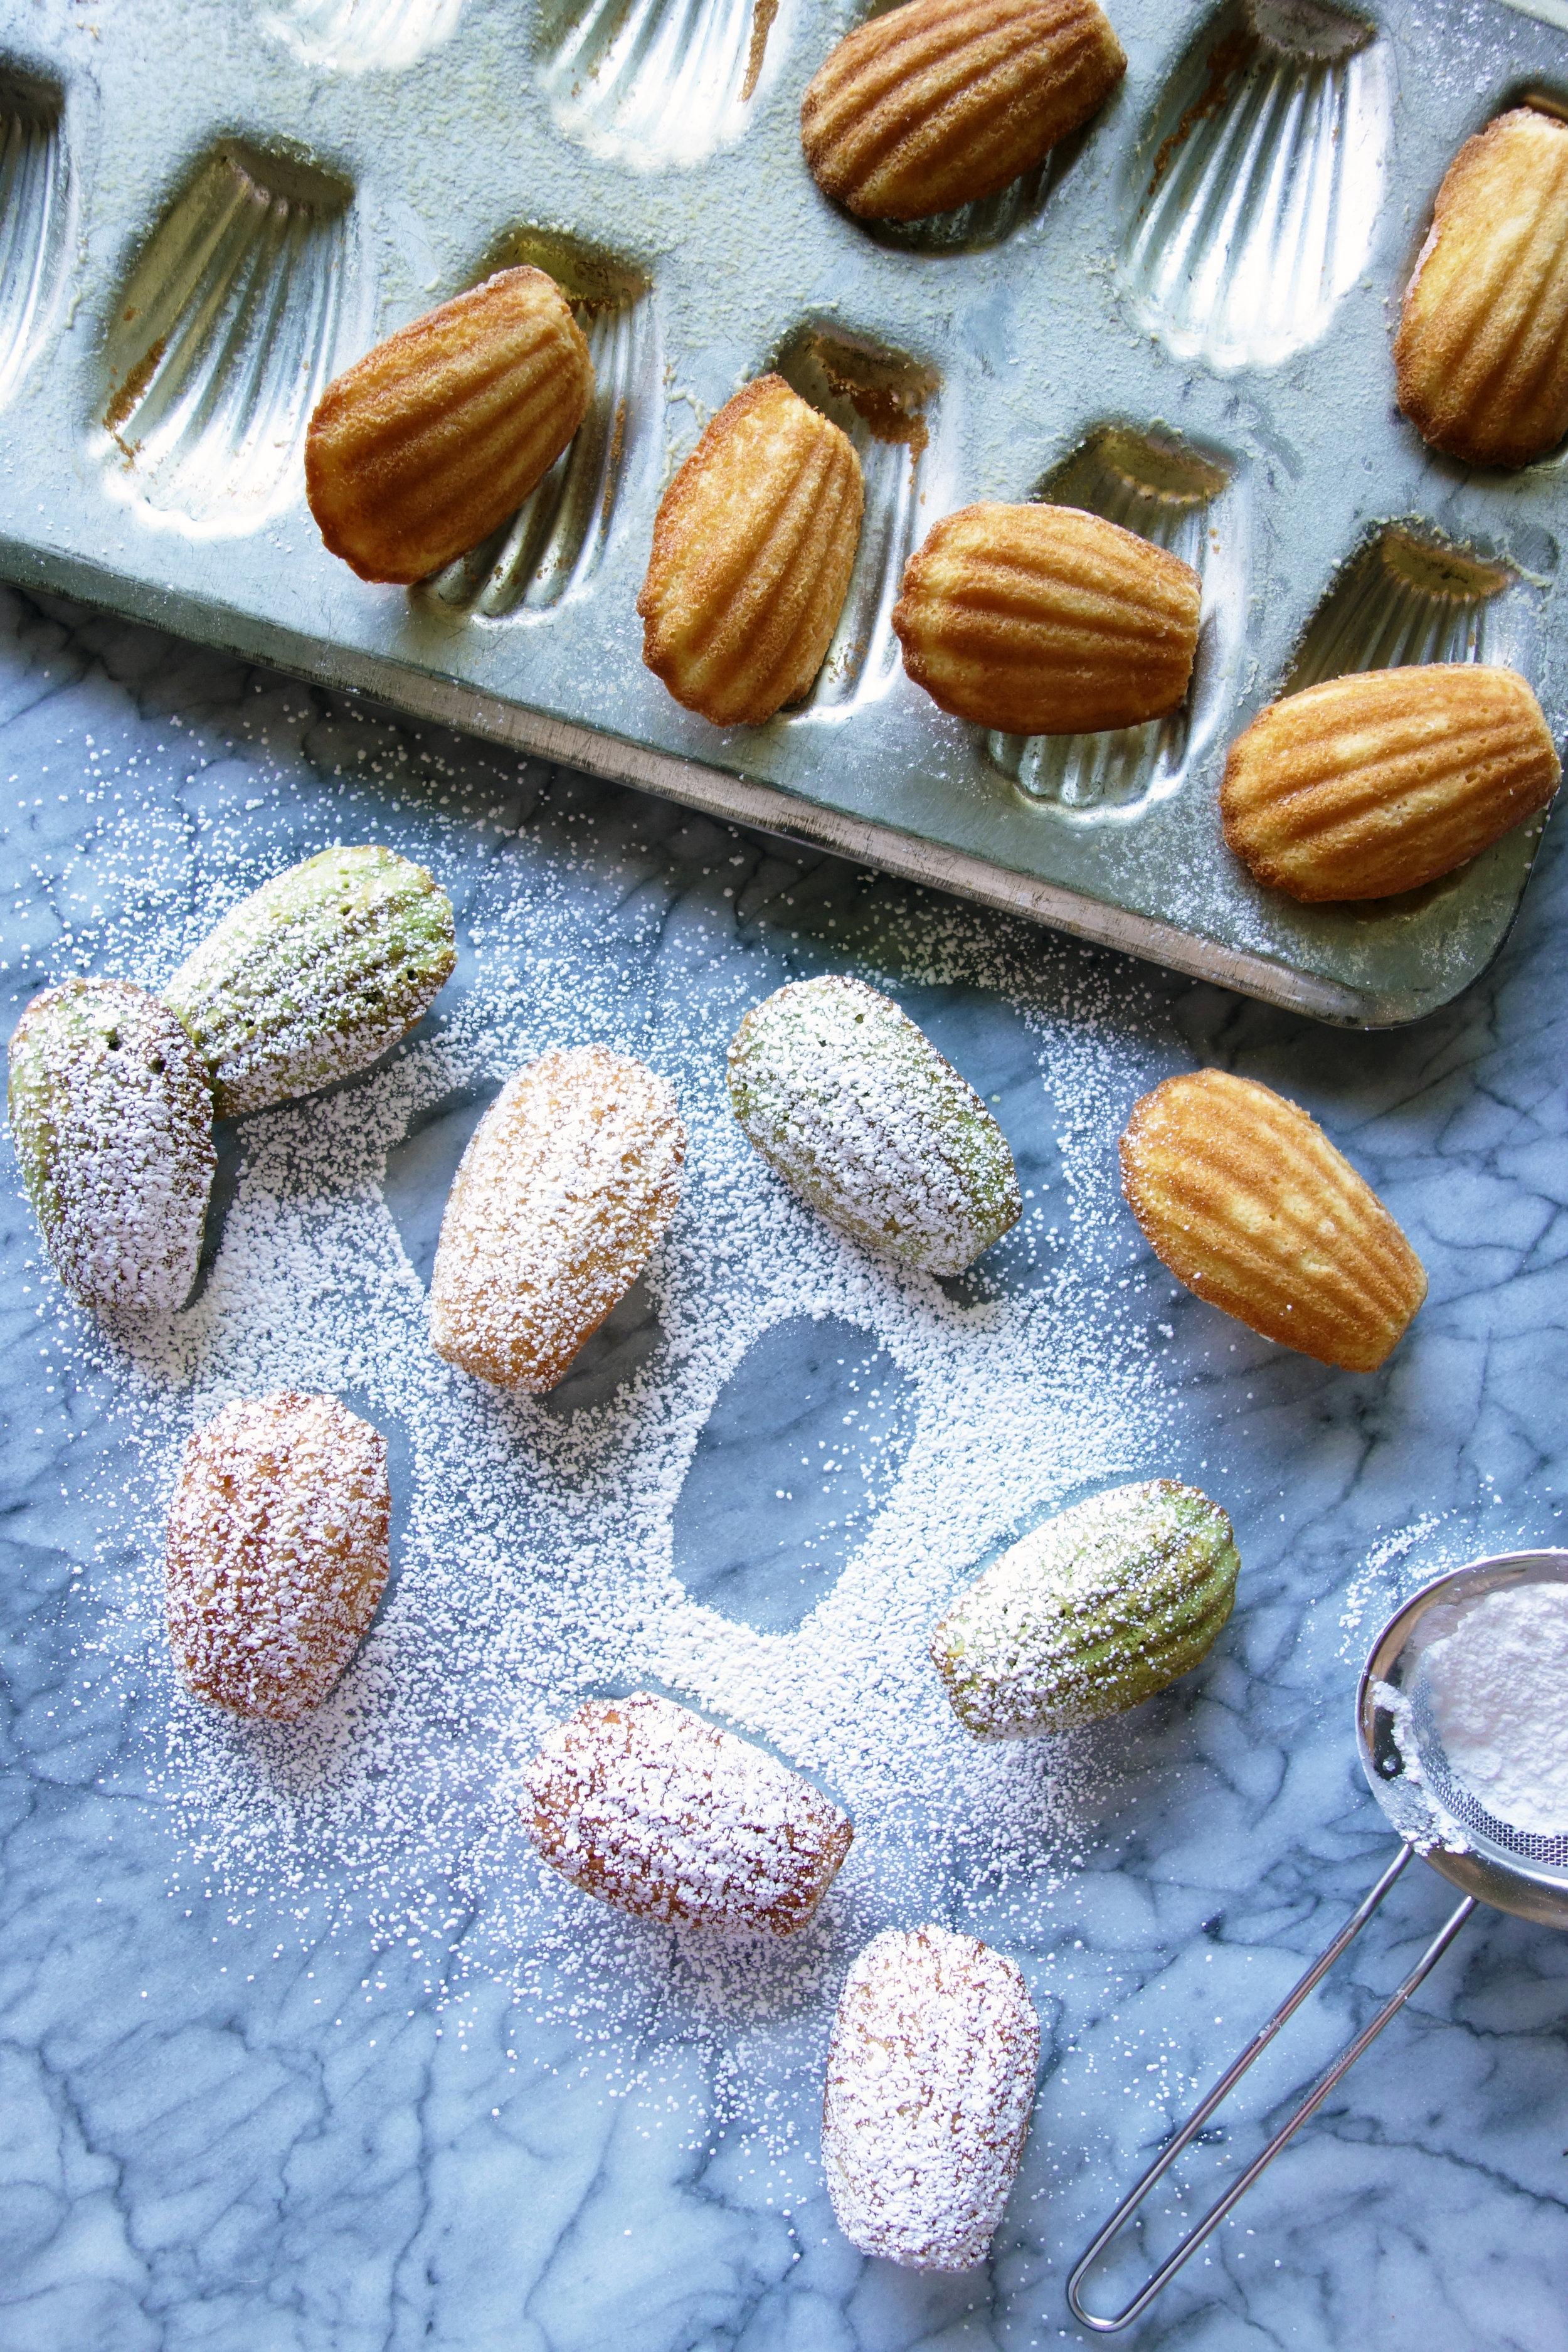 madeleines in pan.jpg